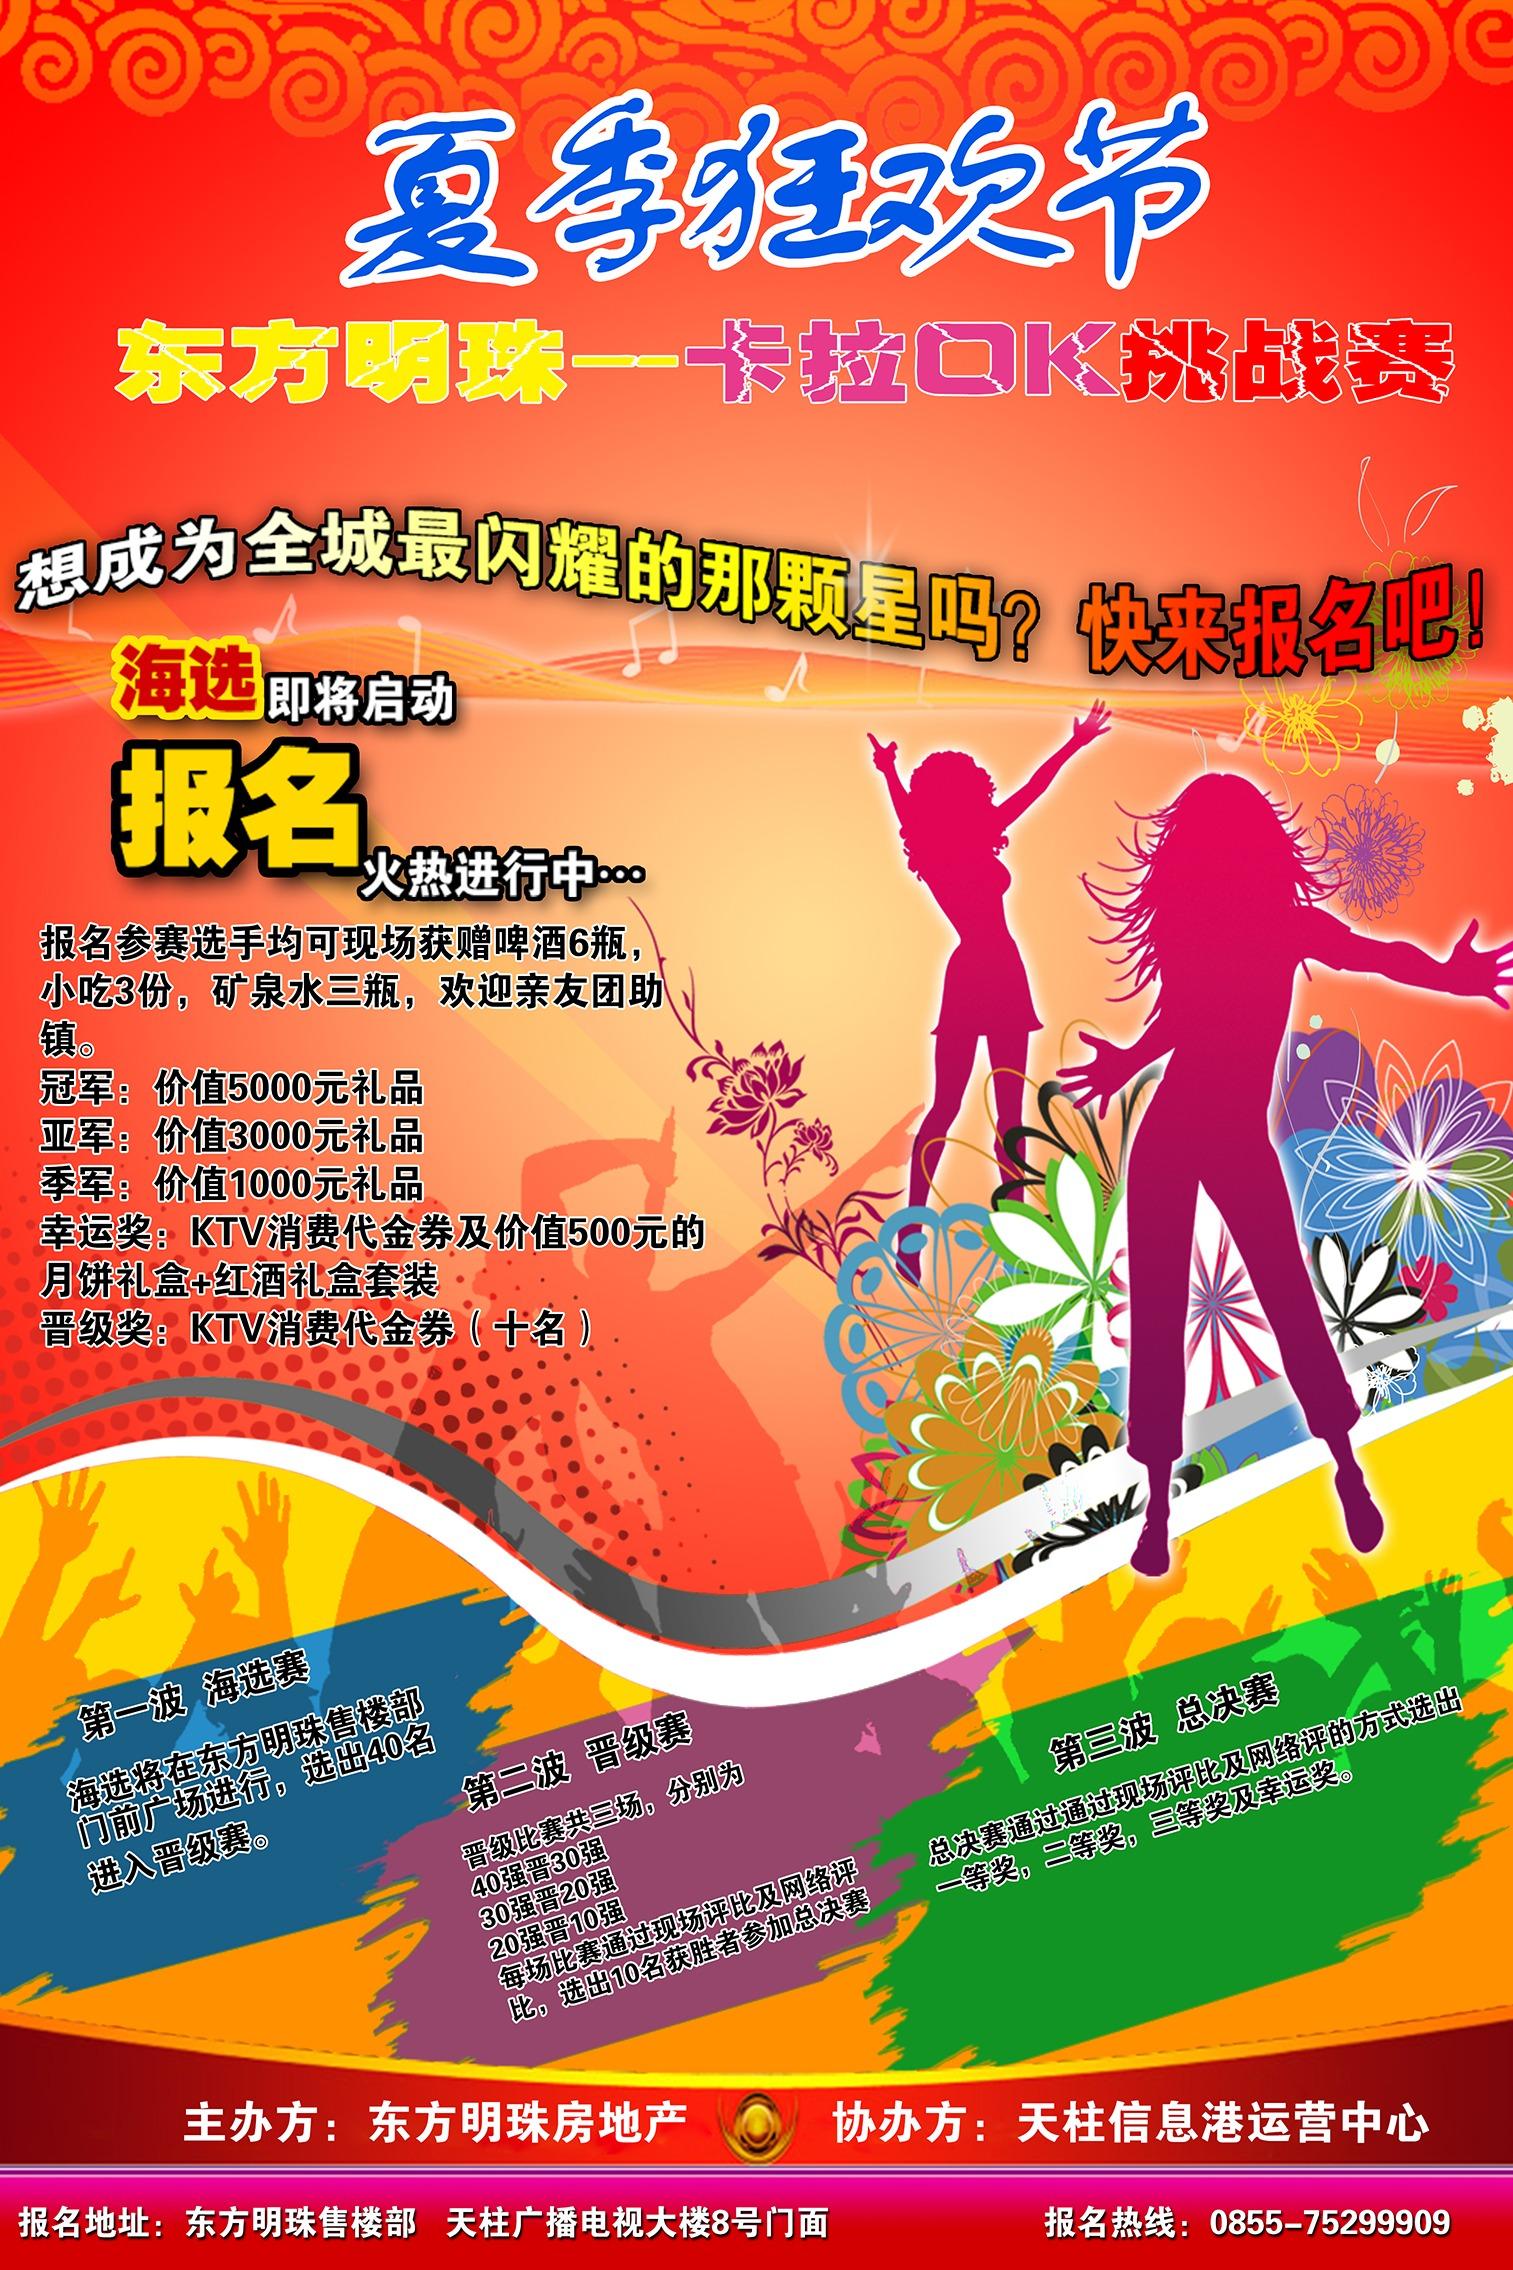 夏季狂欢节《东方明珠-卡拉OK挑战赛》